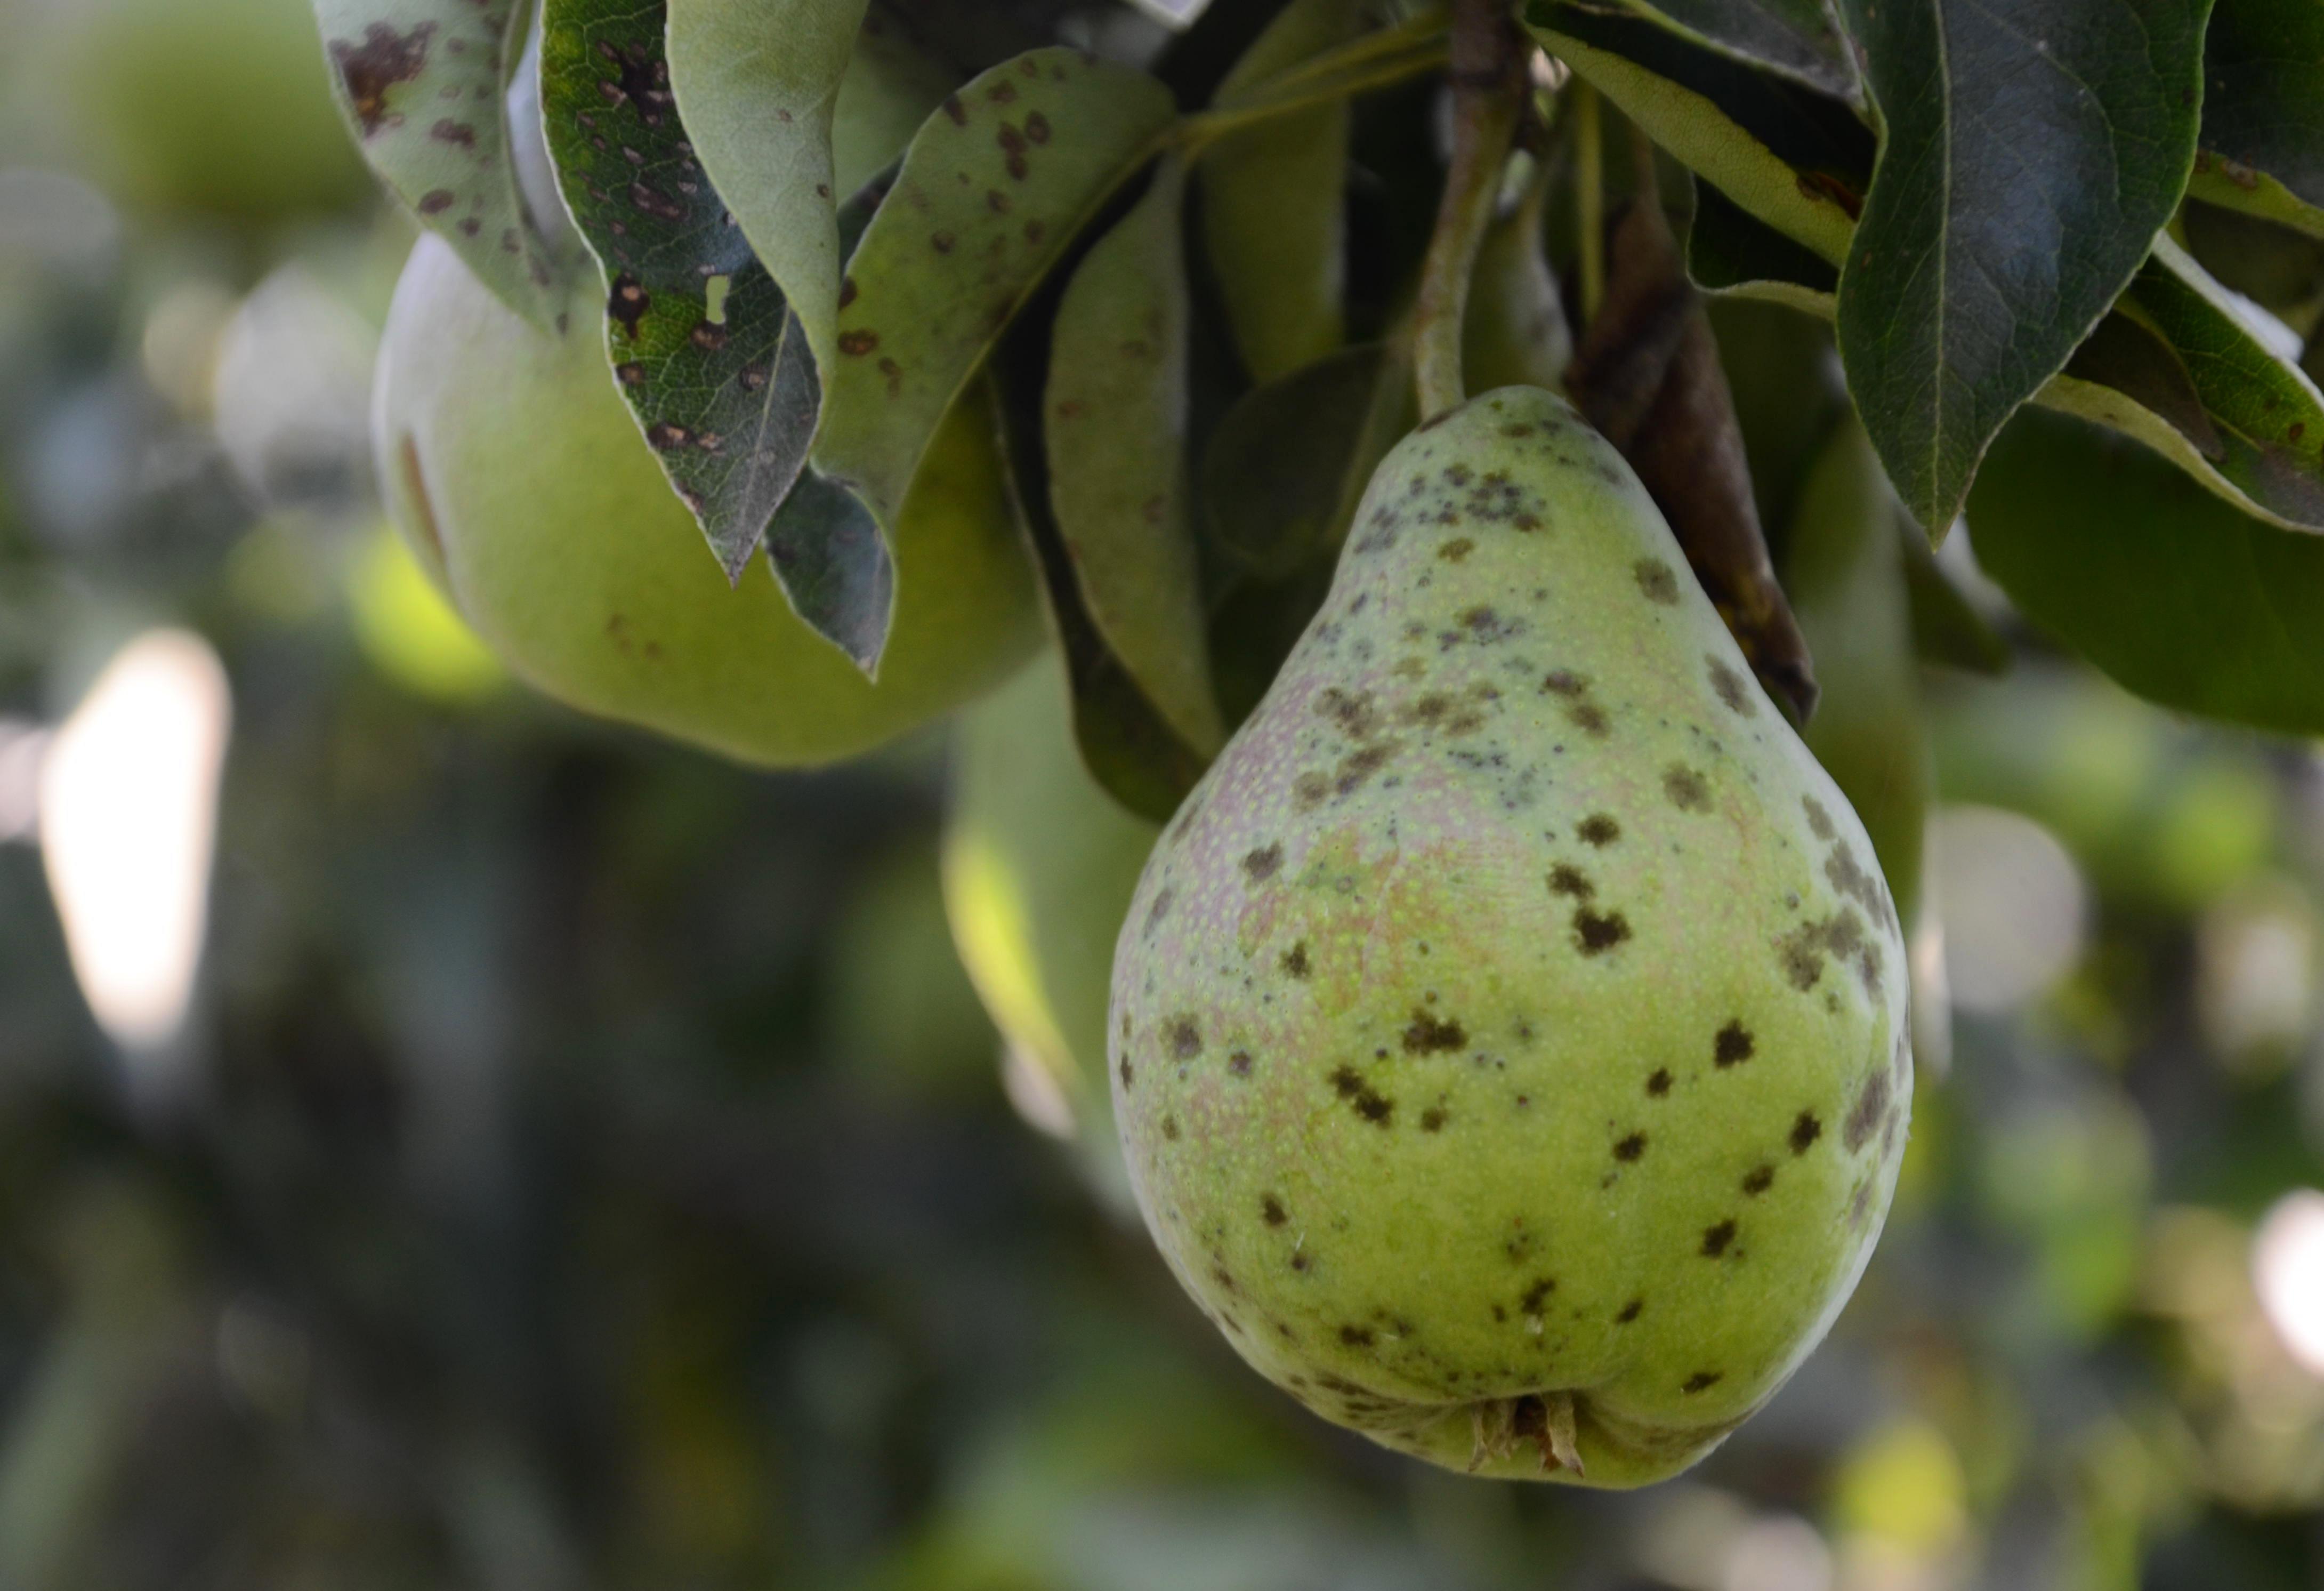 груша плод на дереве